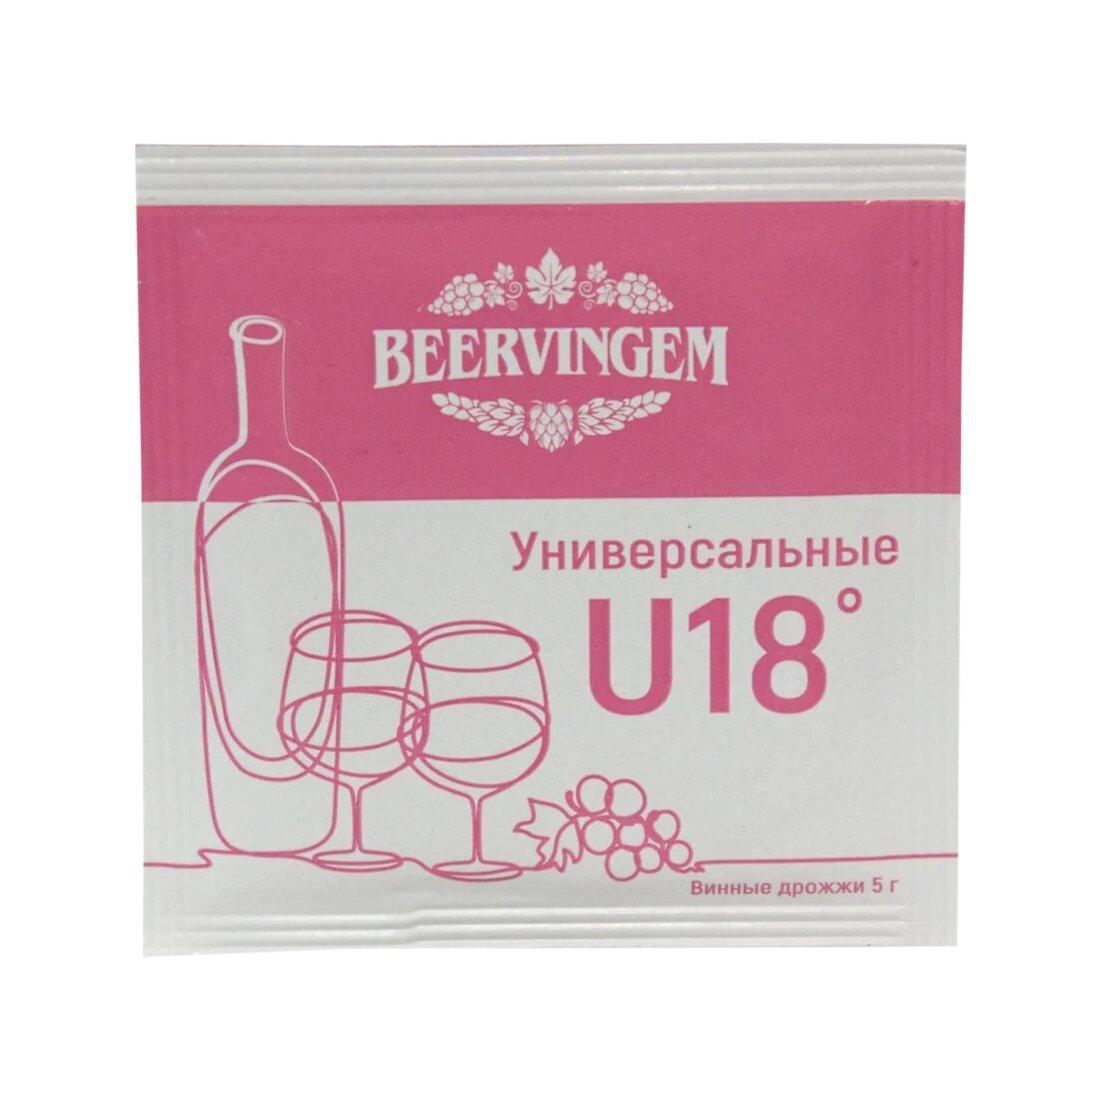 Дрожжи винные BEERVINGEM Universal U18